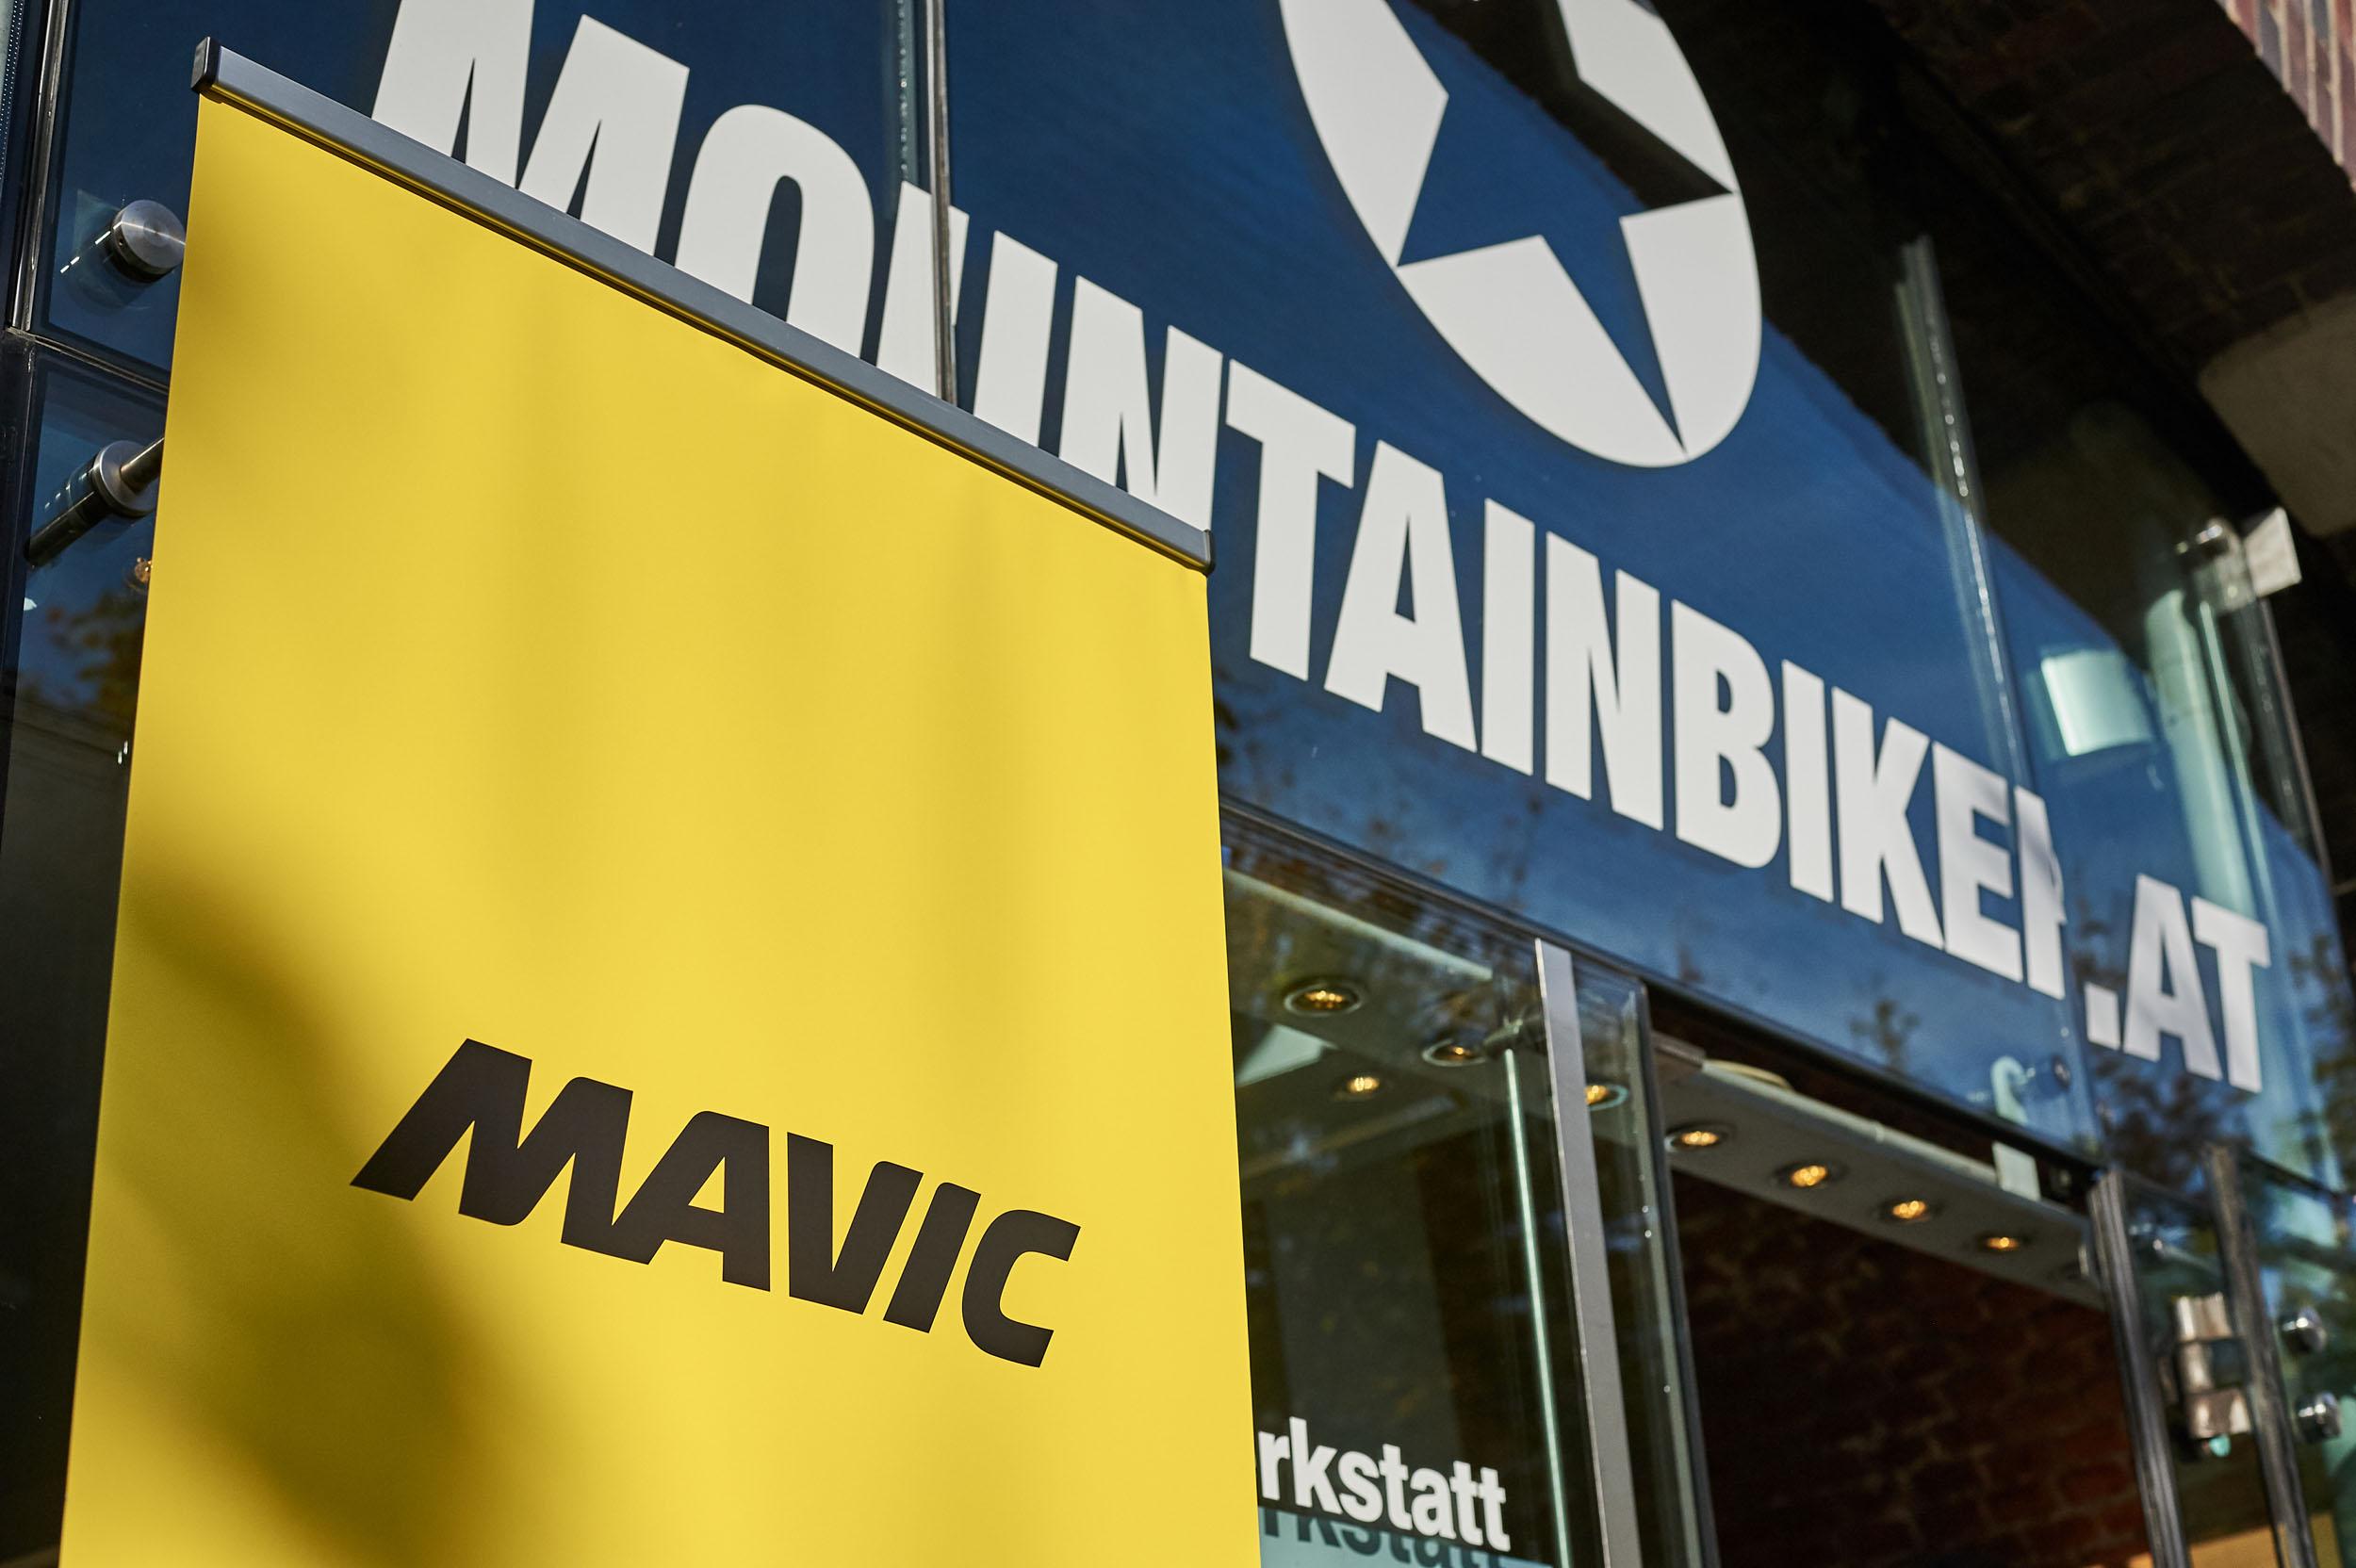 Mountainbiker-Flagshipstores in Wien - übrigens die einzige Comète-Verkaufsstelle in Österreich.